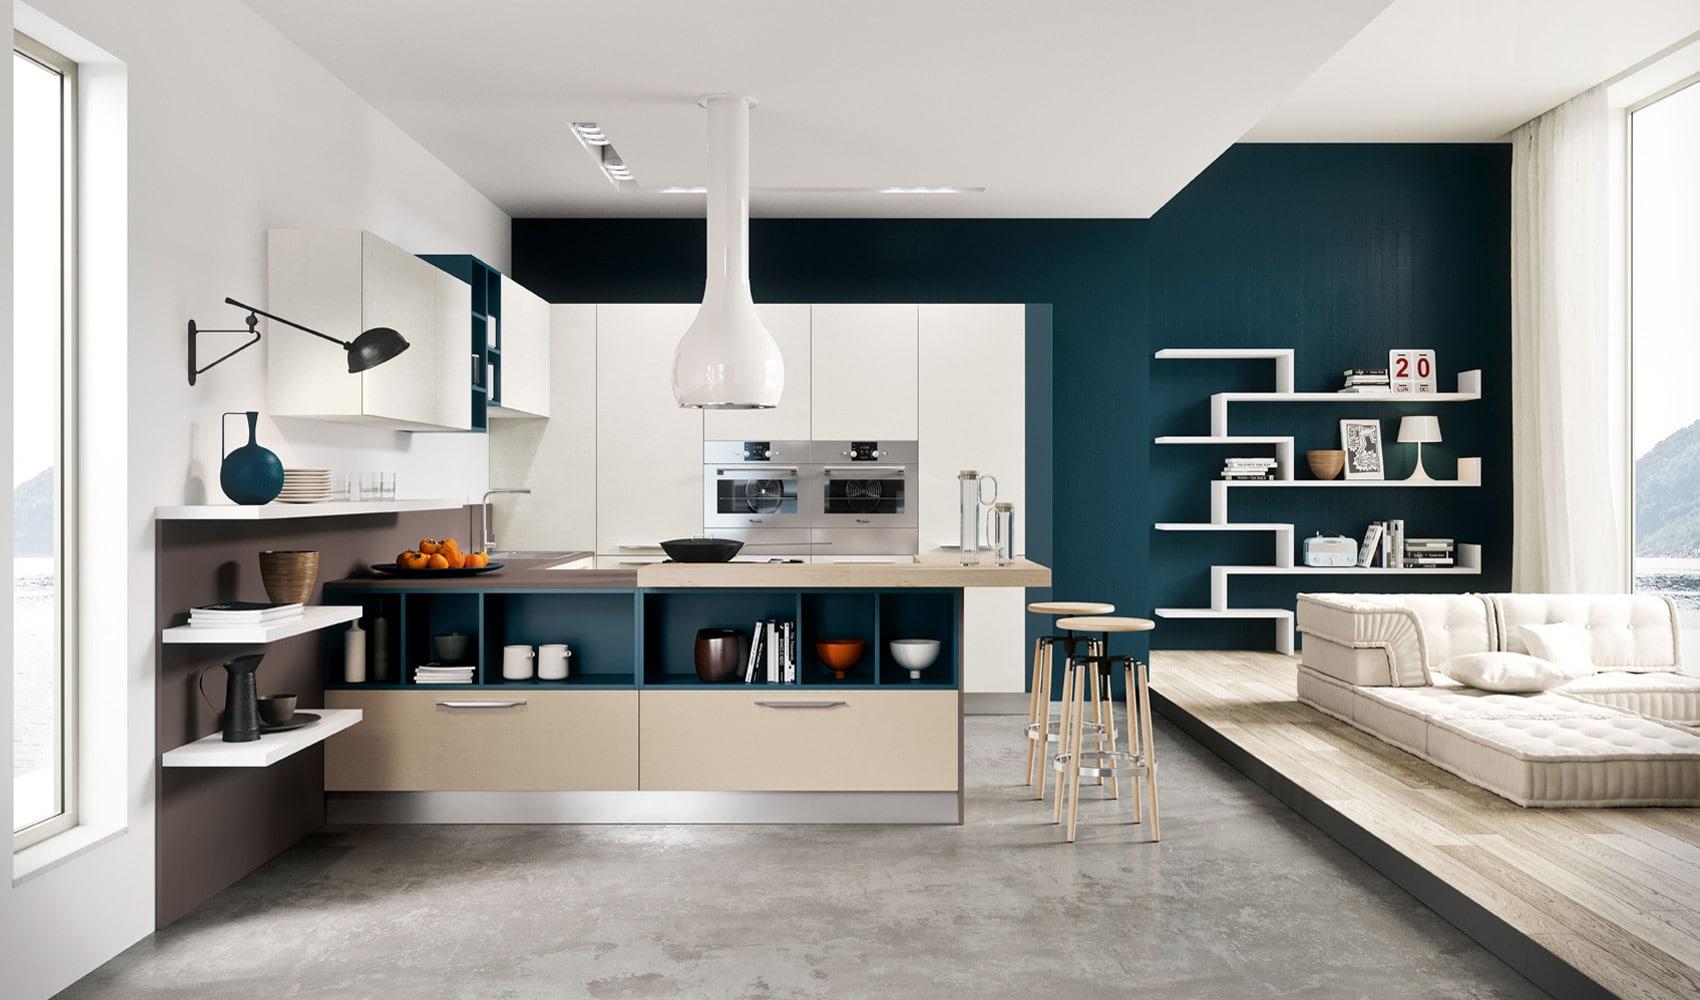 Dise o de cocinas modernas al estilo arte pop construye for Diseno de hogar